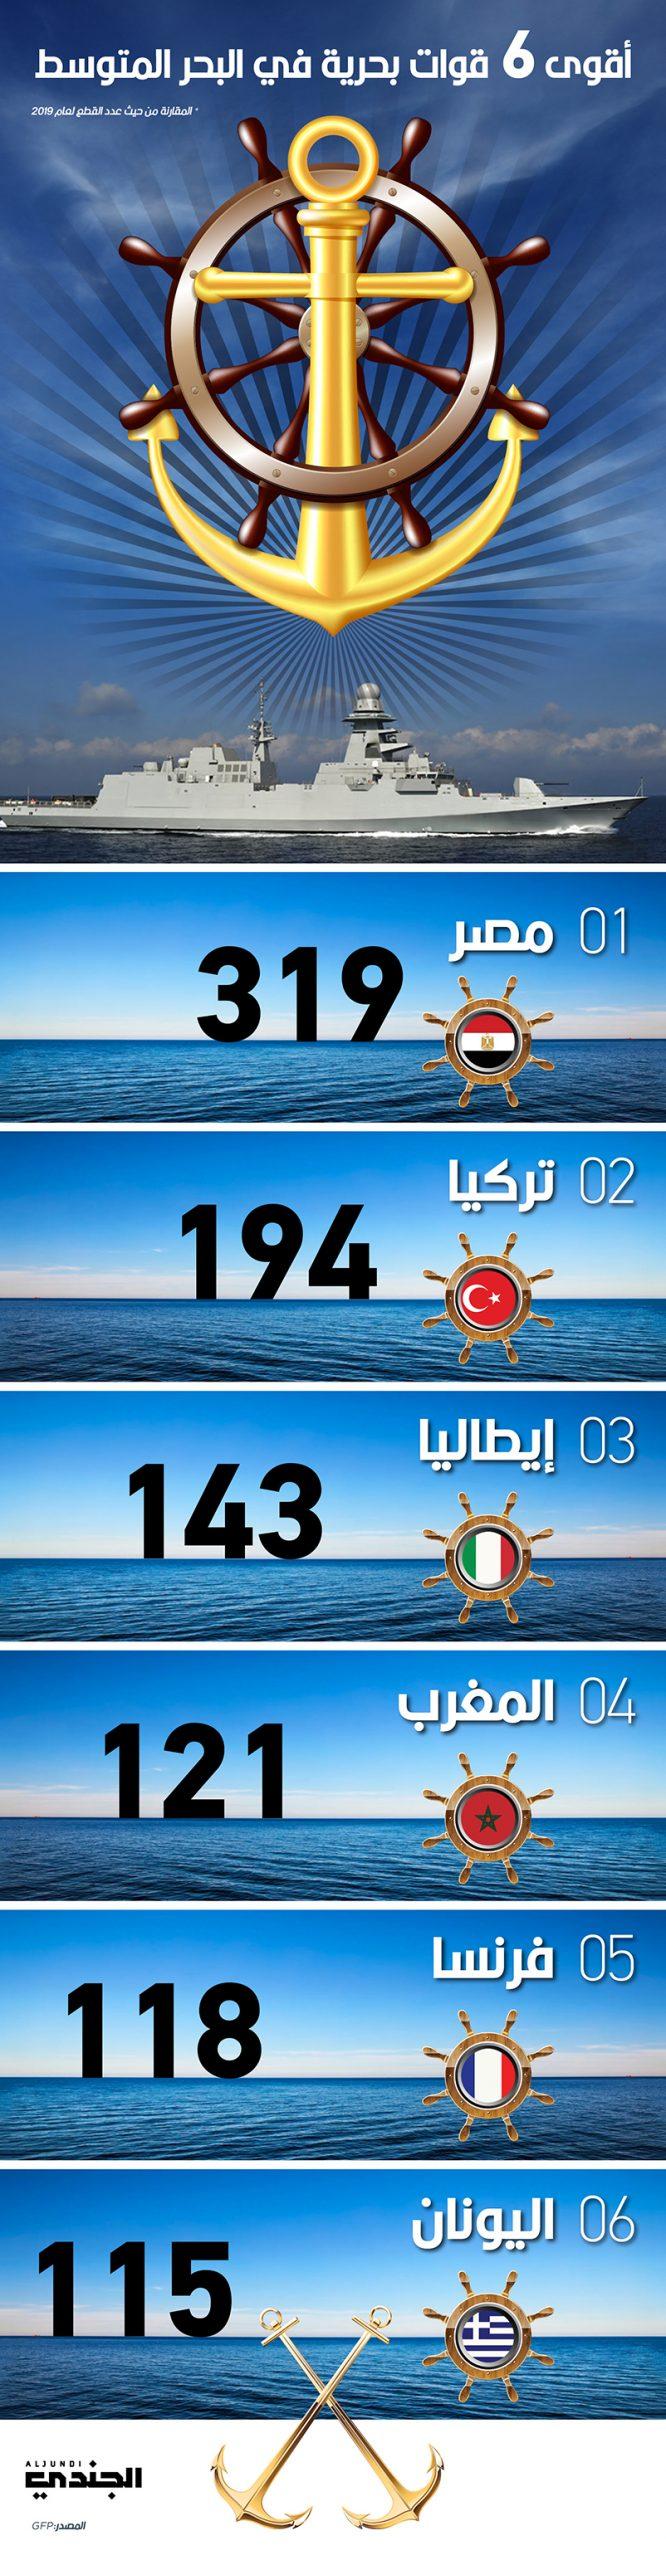 أقوى 6 قوات بحرية في البحر المتوسط